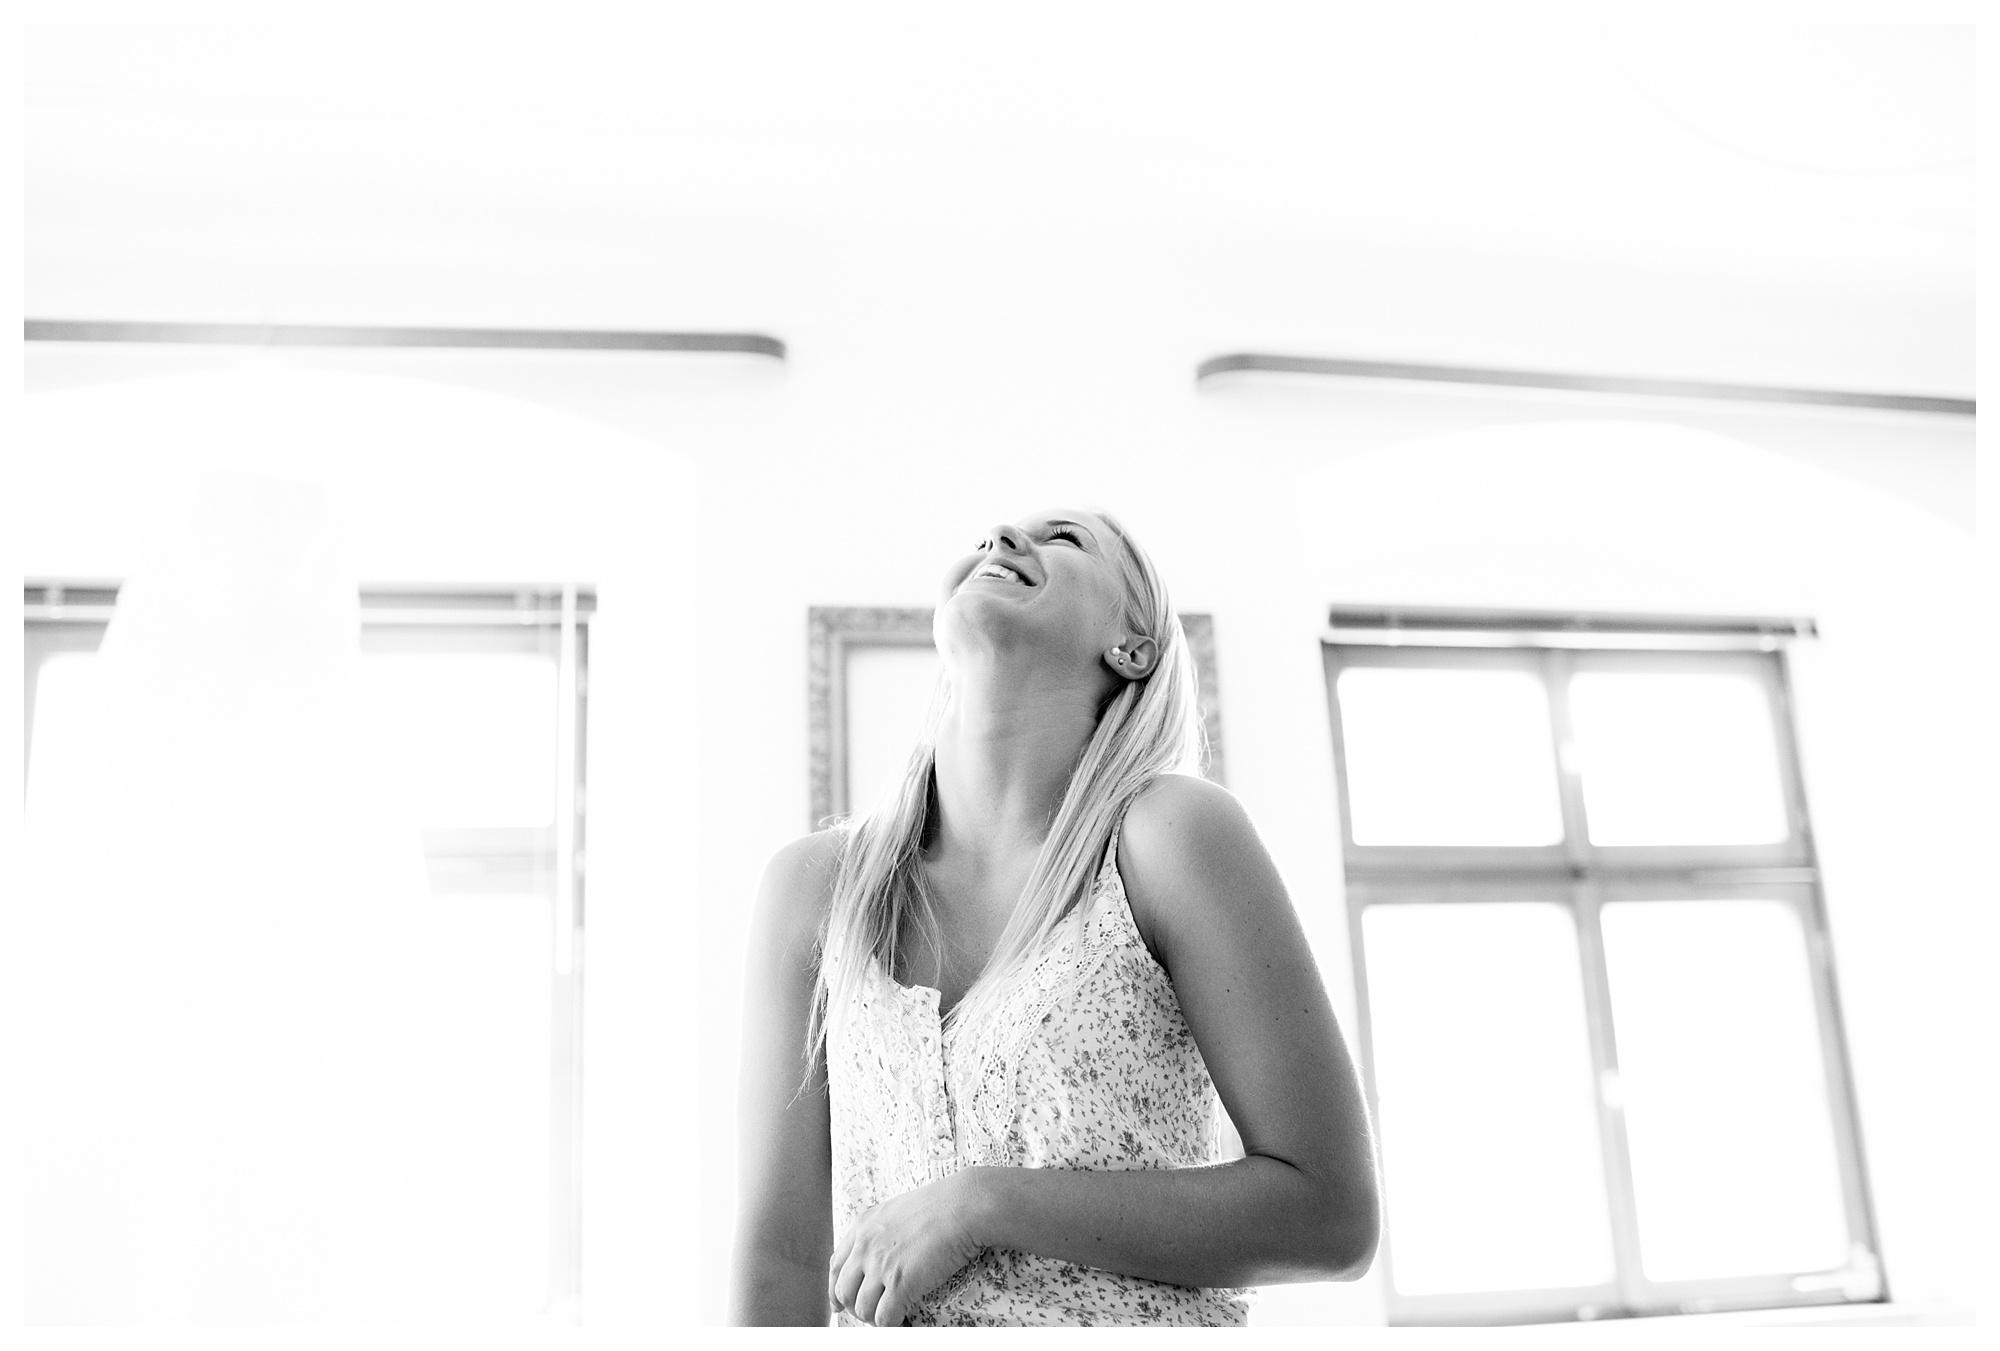 Fotograf Konstanz - Best of 2014 Elmar Feuerbacher Photography Hochzeit Portrait 048 - Rückblick auf 2014  - 83 -